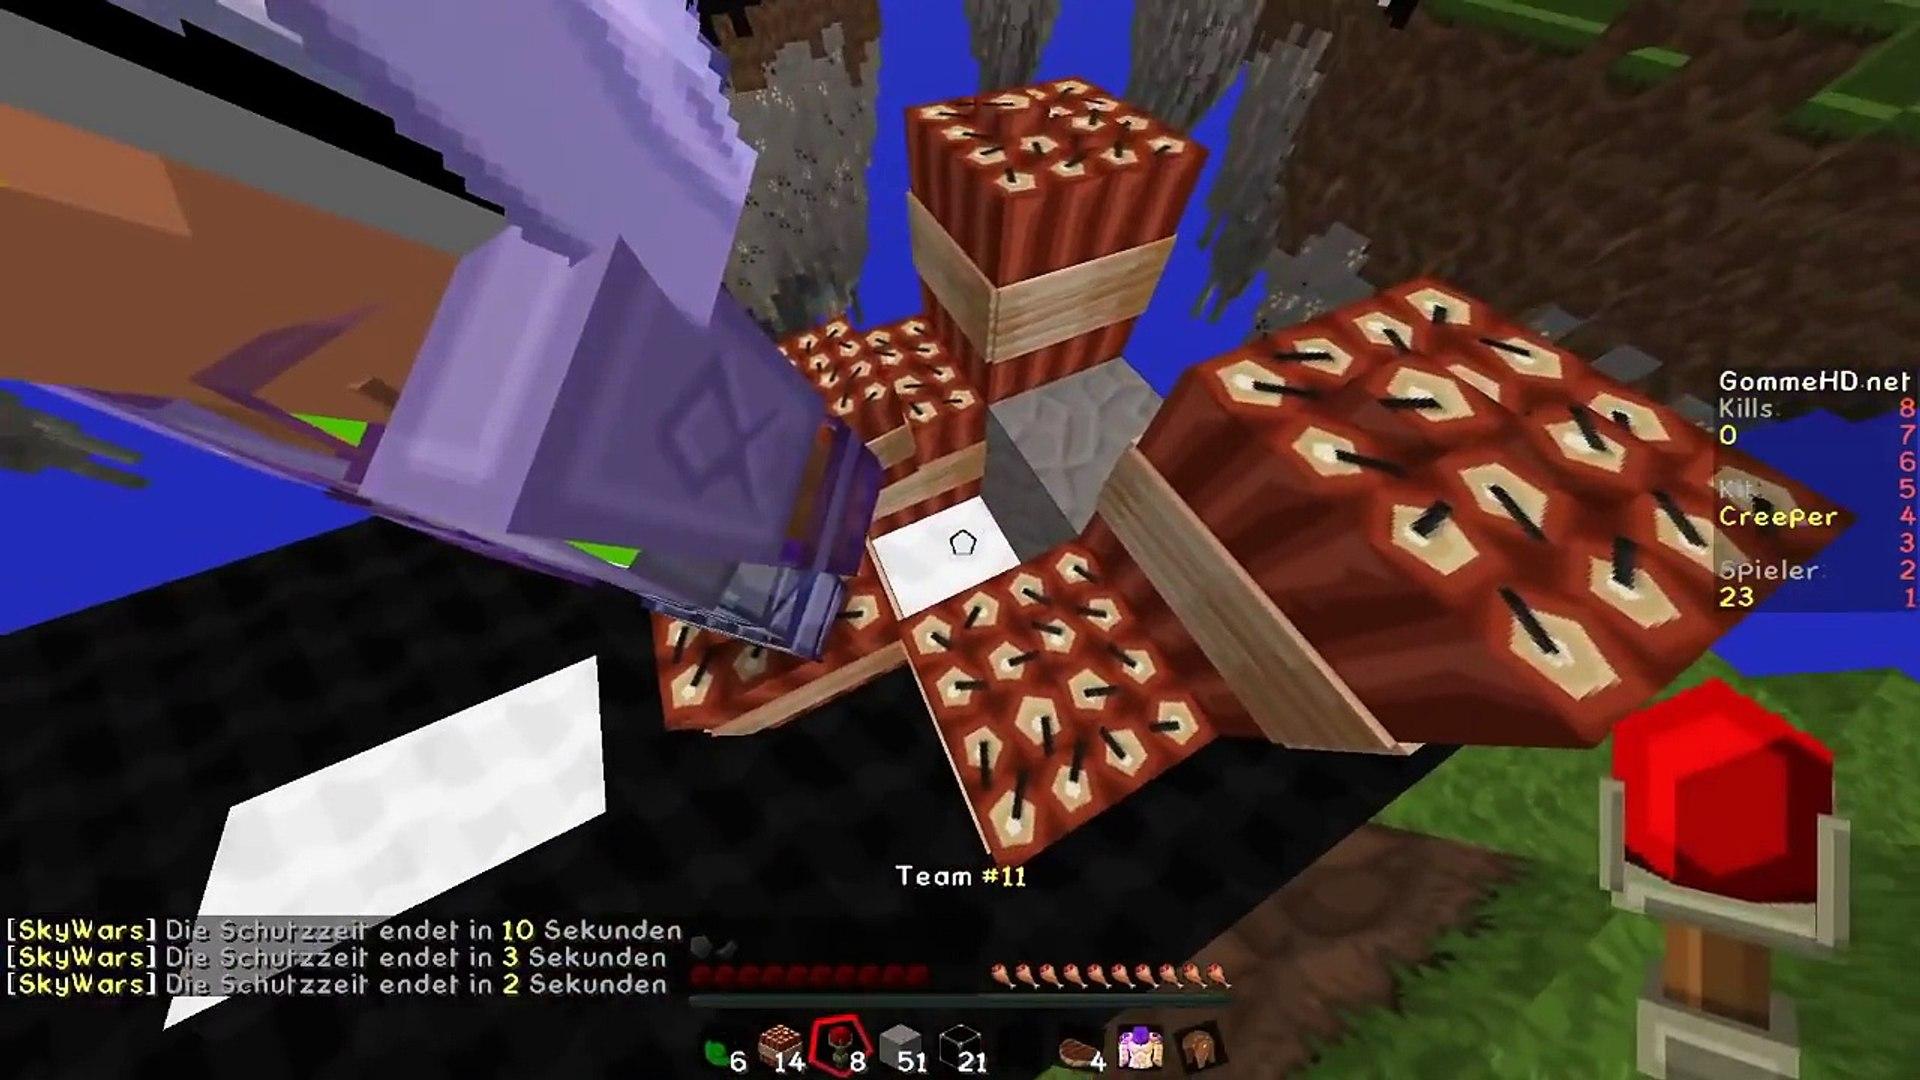 Minecraft Top 9 TnT Kanonen Kills! DieBuddiesZocken - video